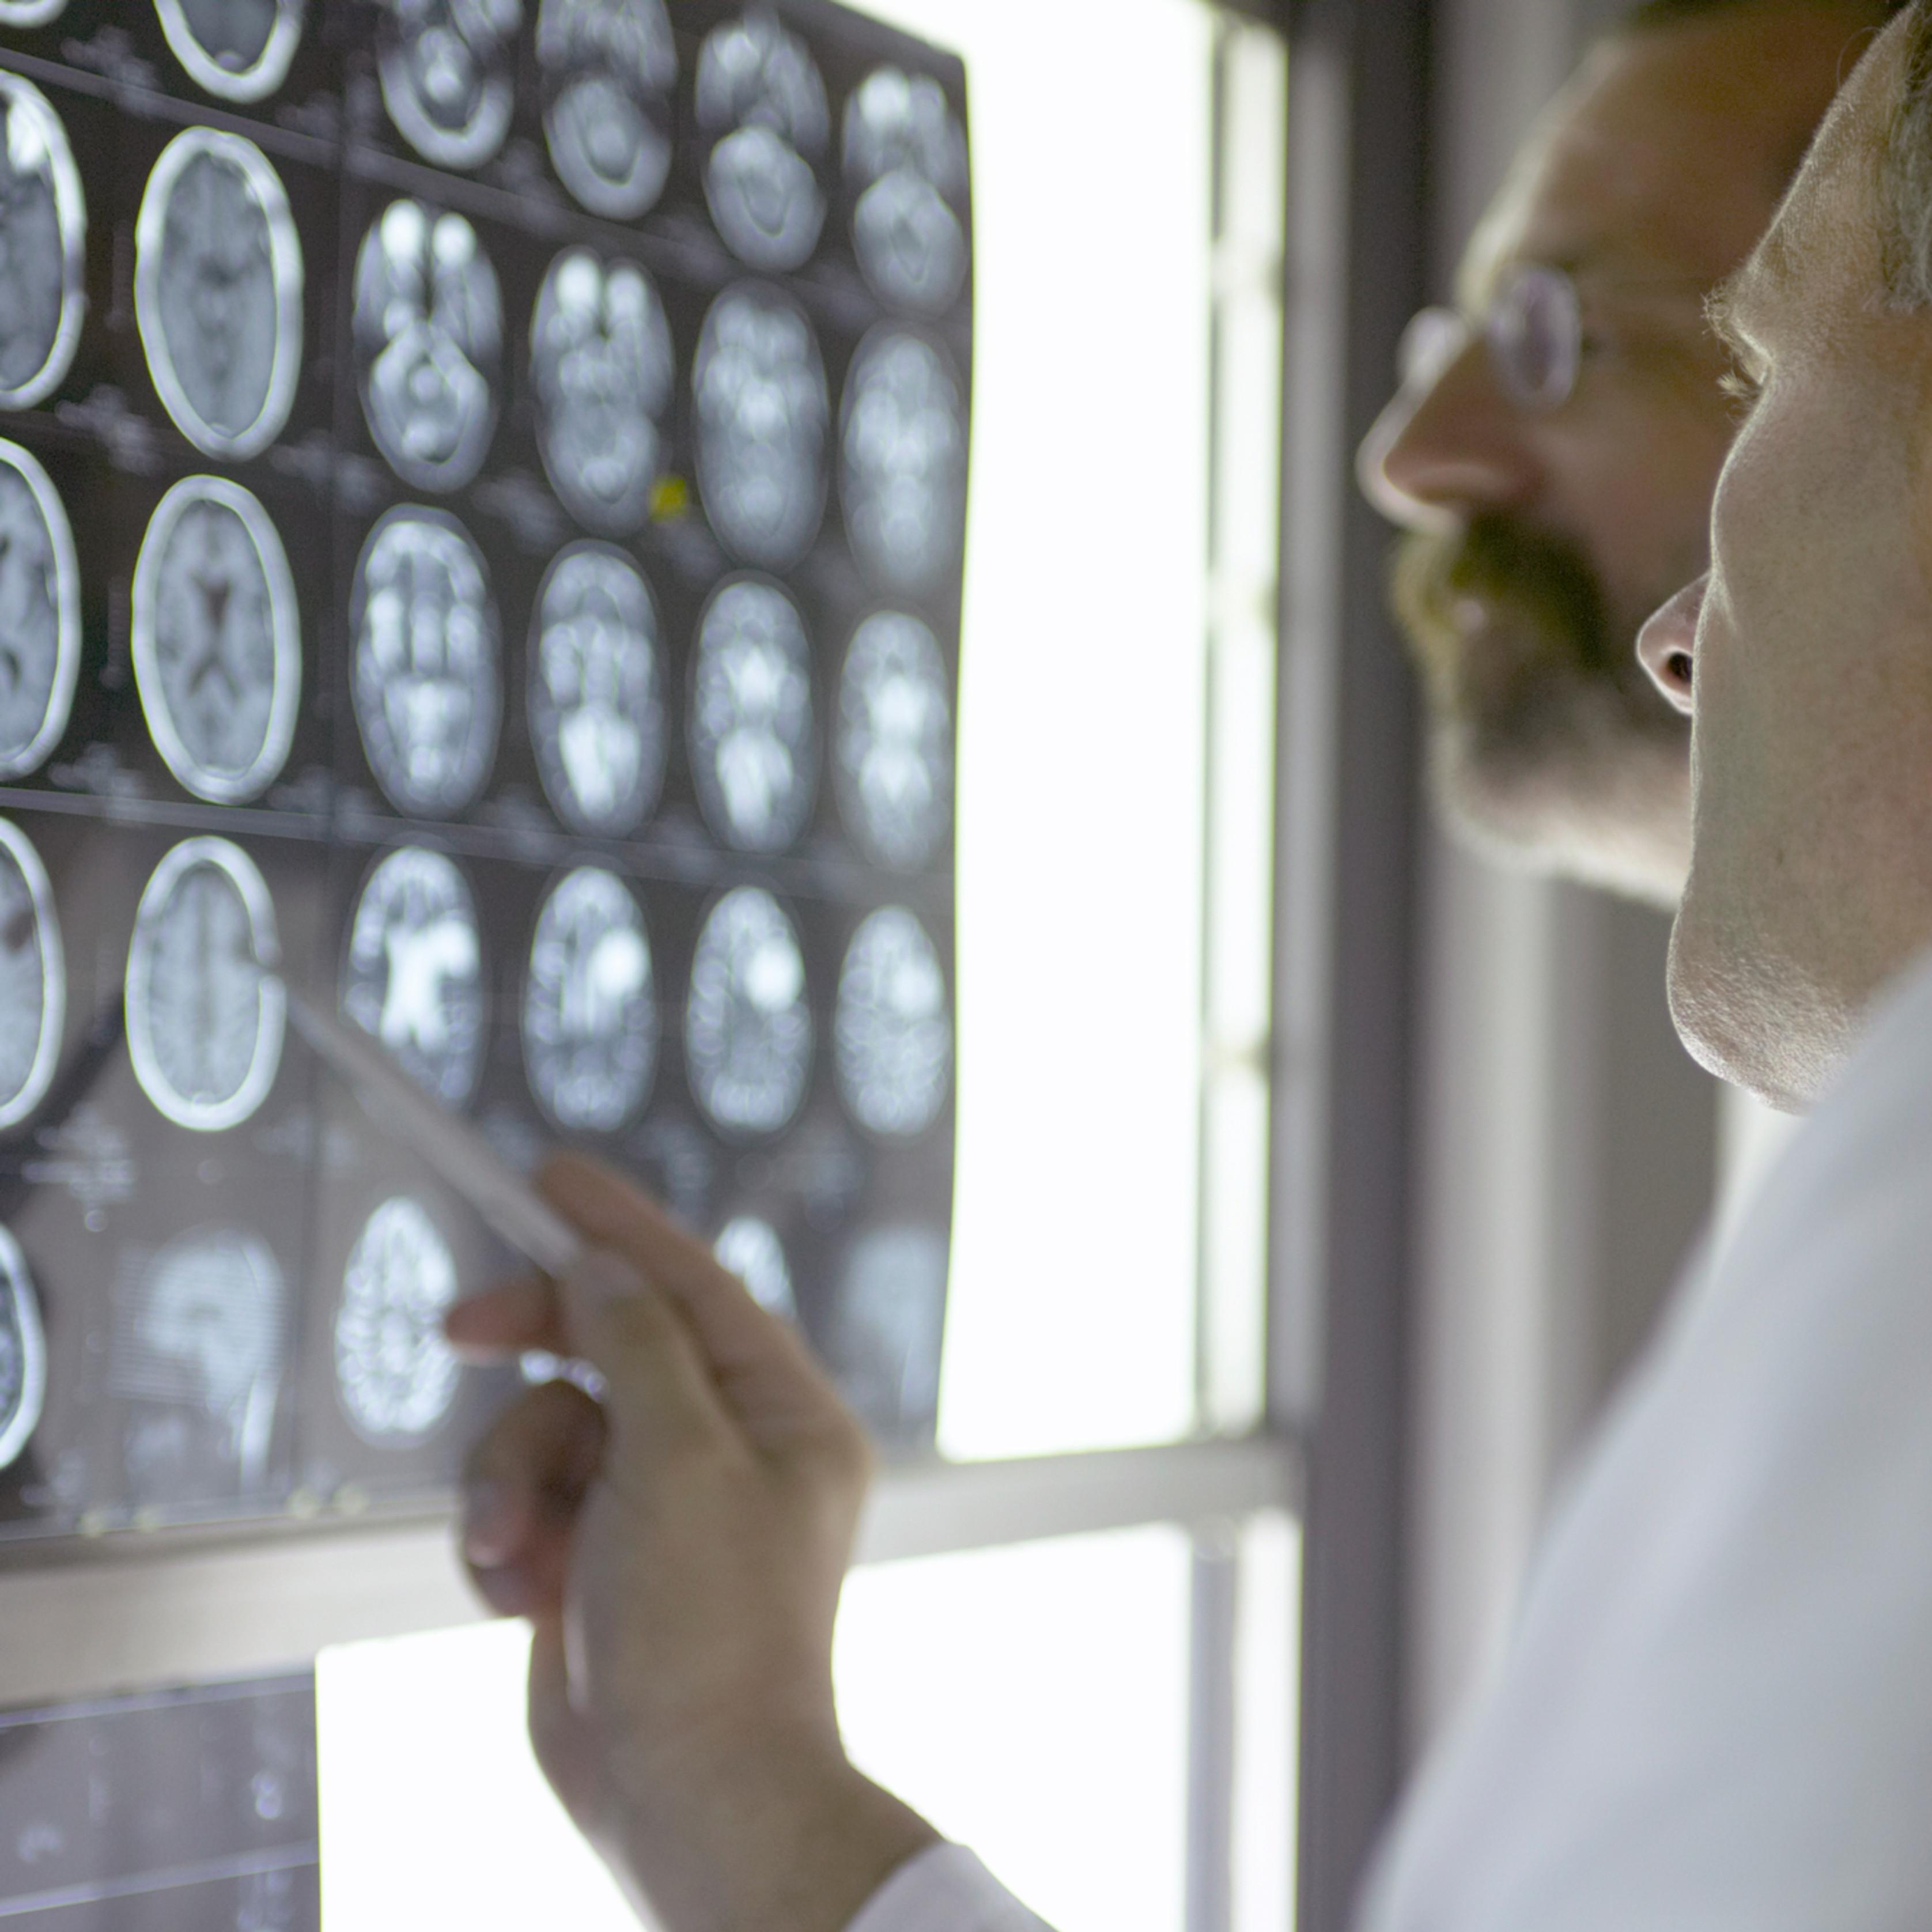 عيادة الدماغ والأعصاب